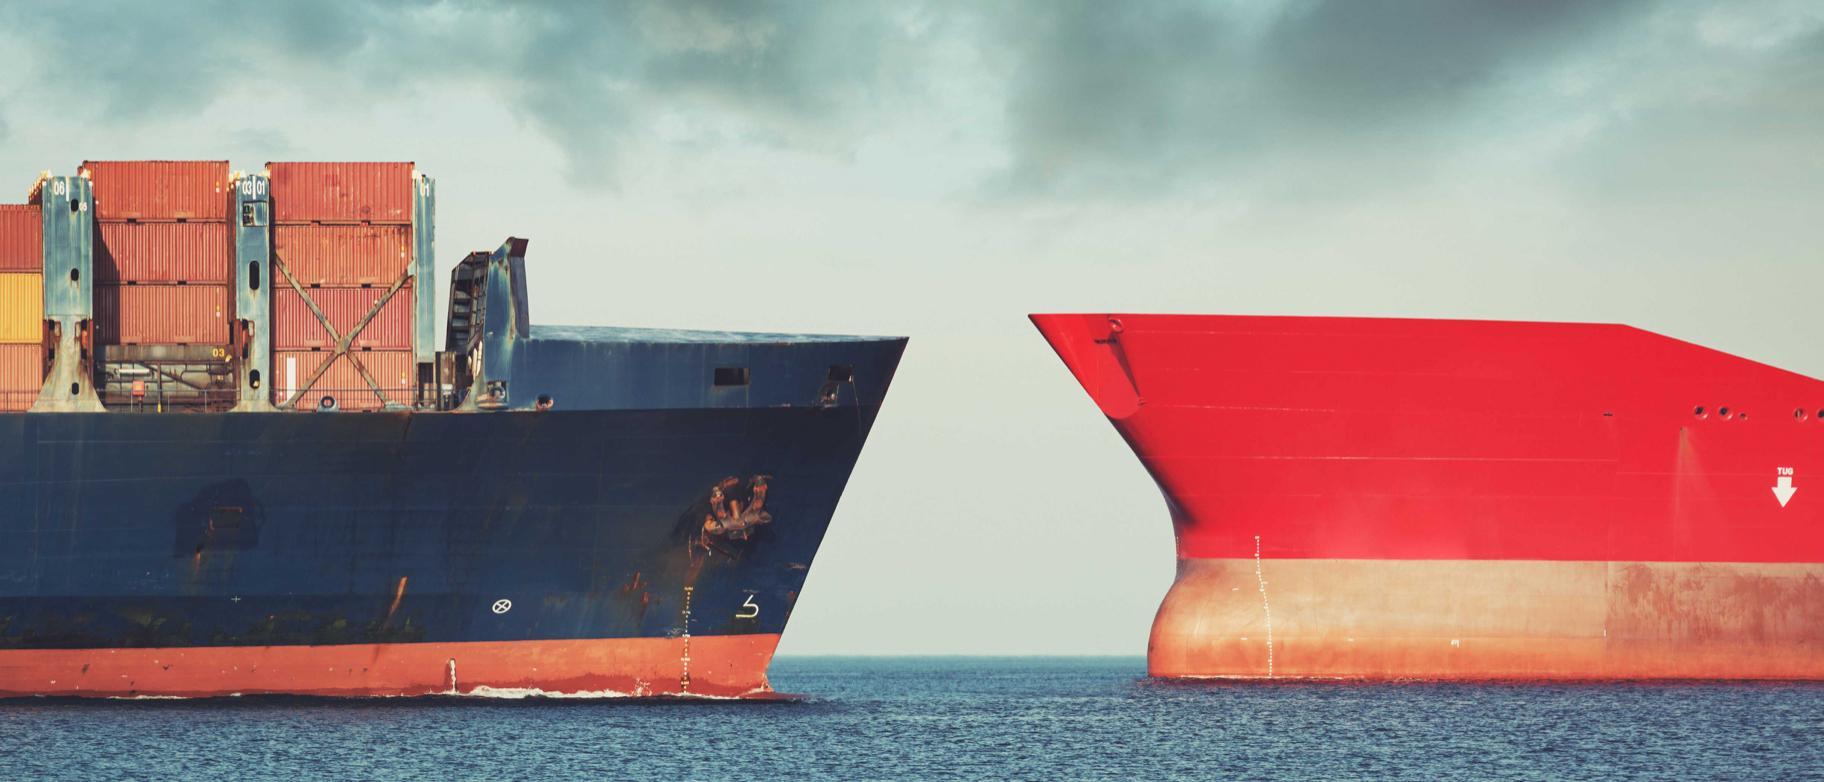 Tariffs and trade wars Thumbnail